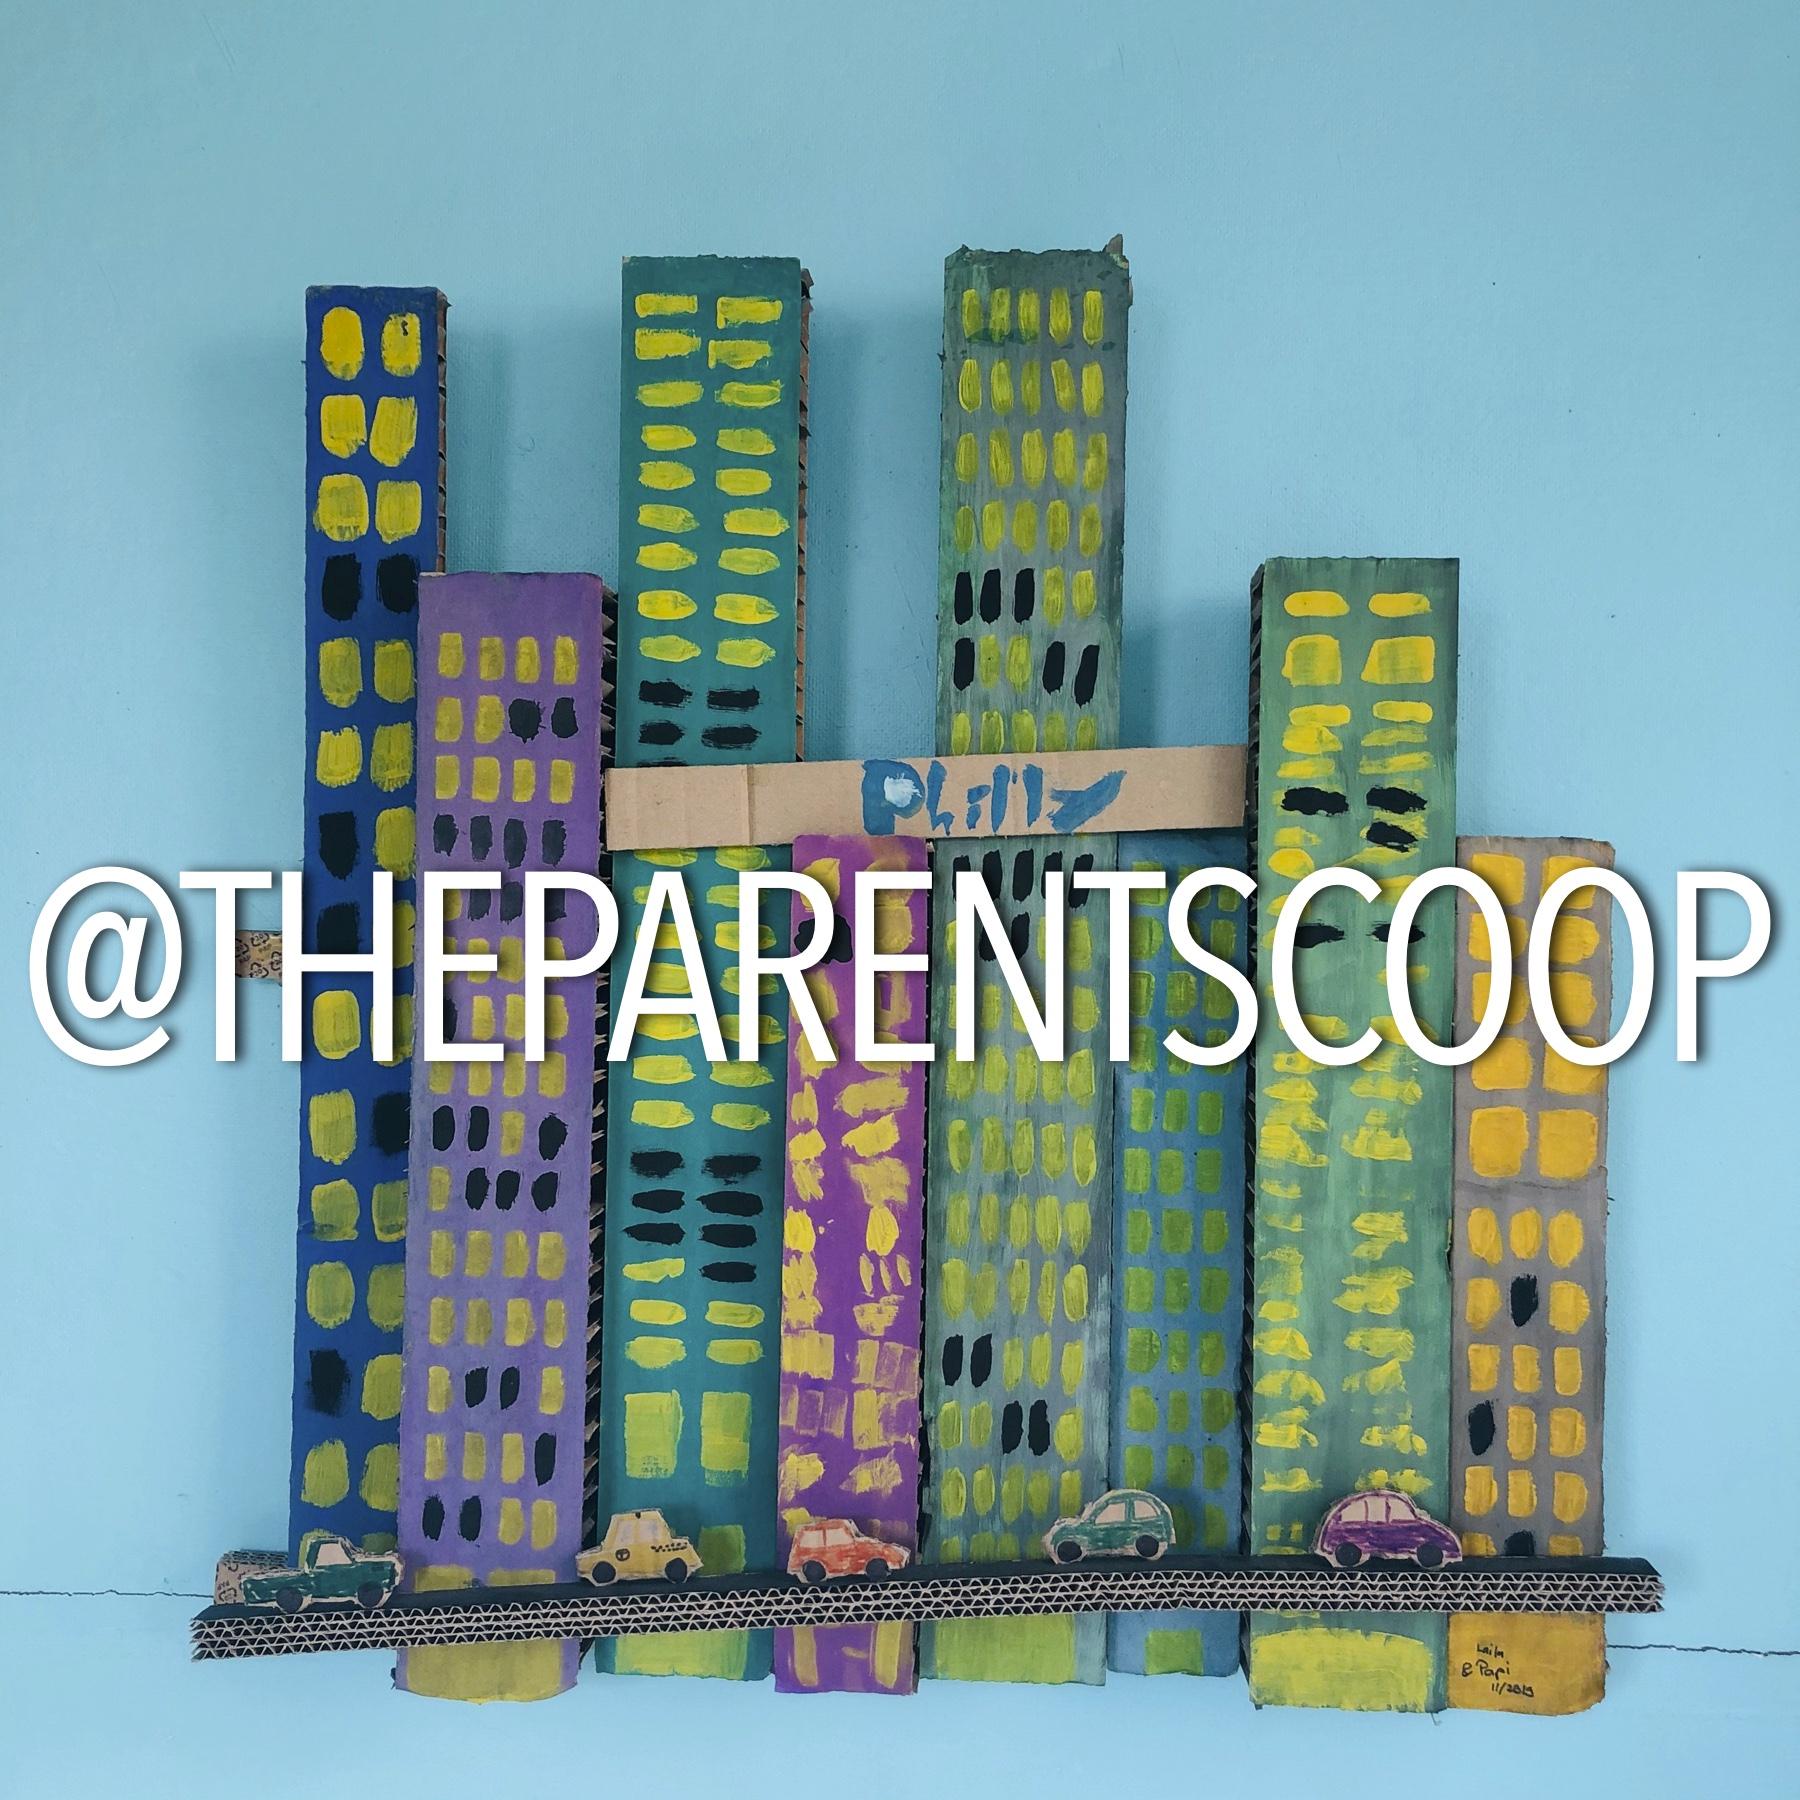 The Parent Scoop show art